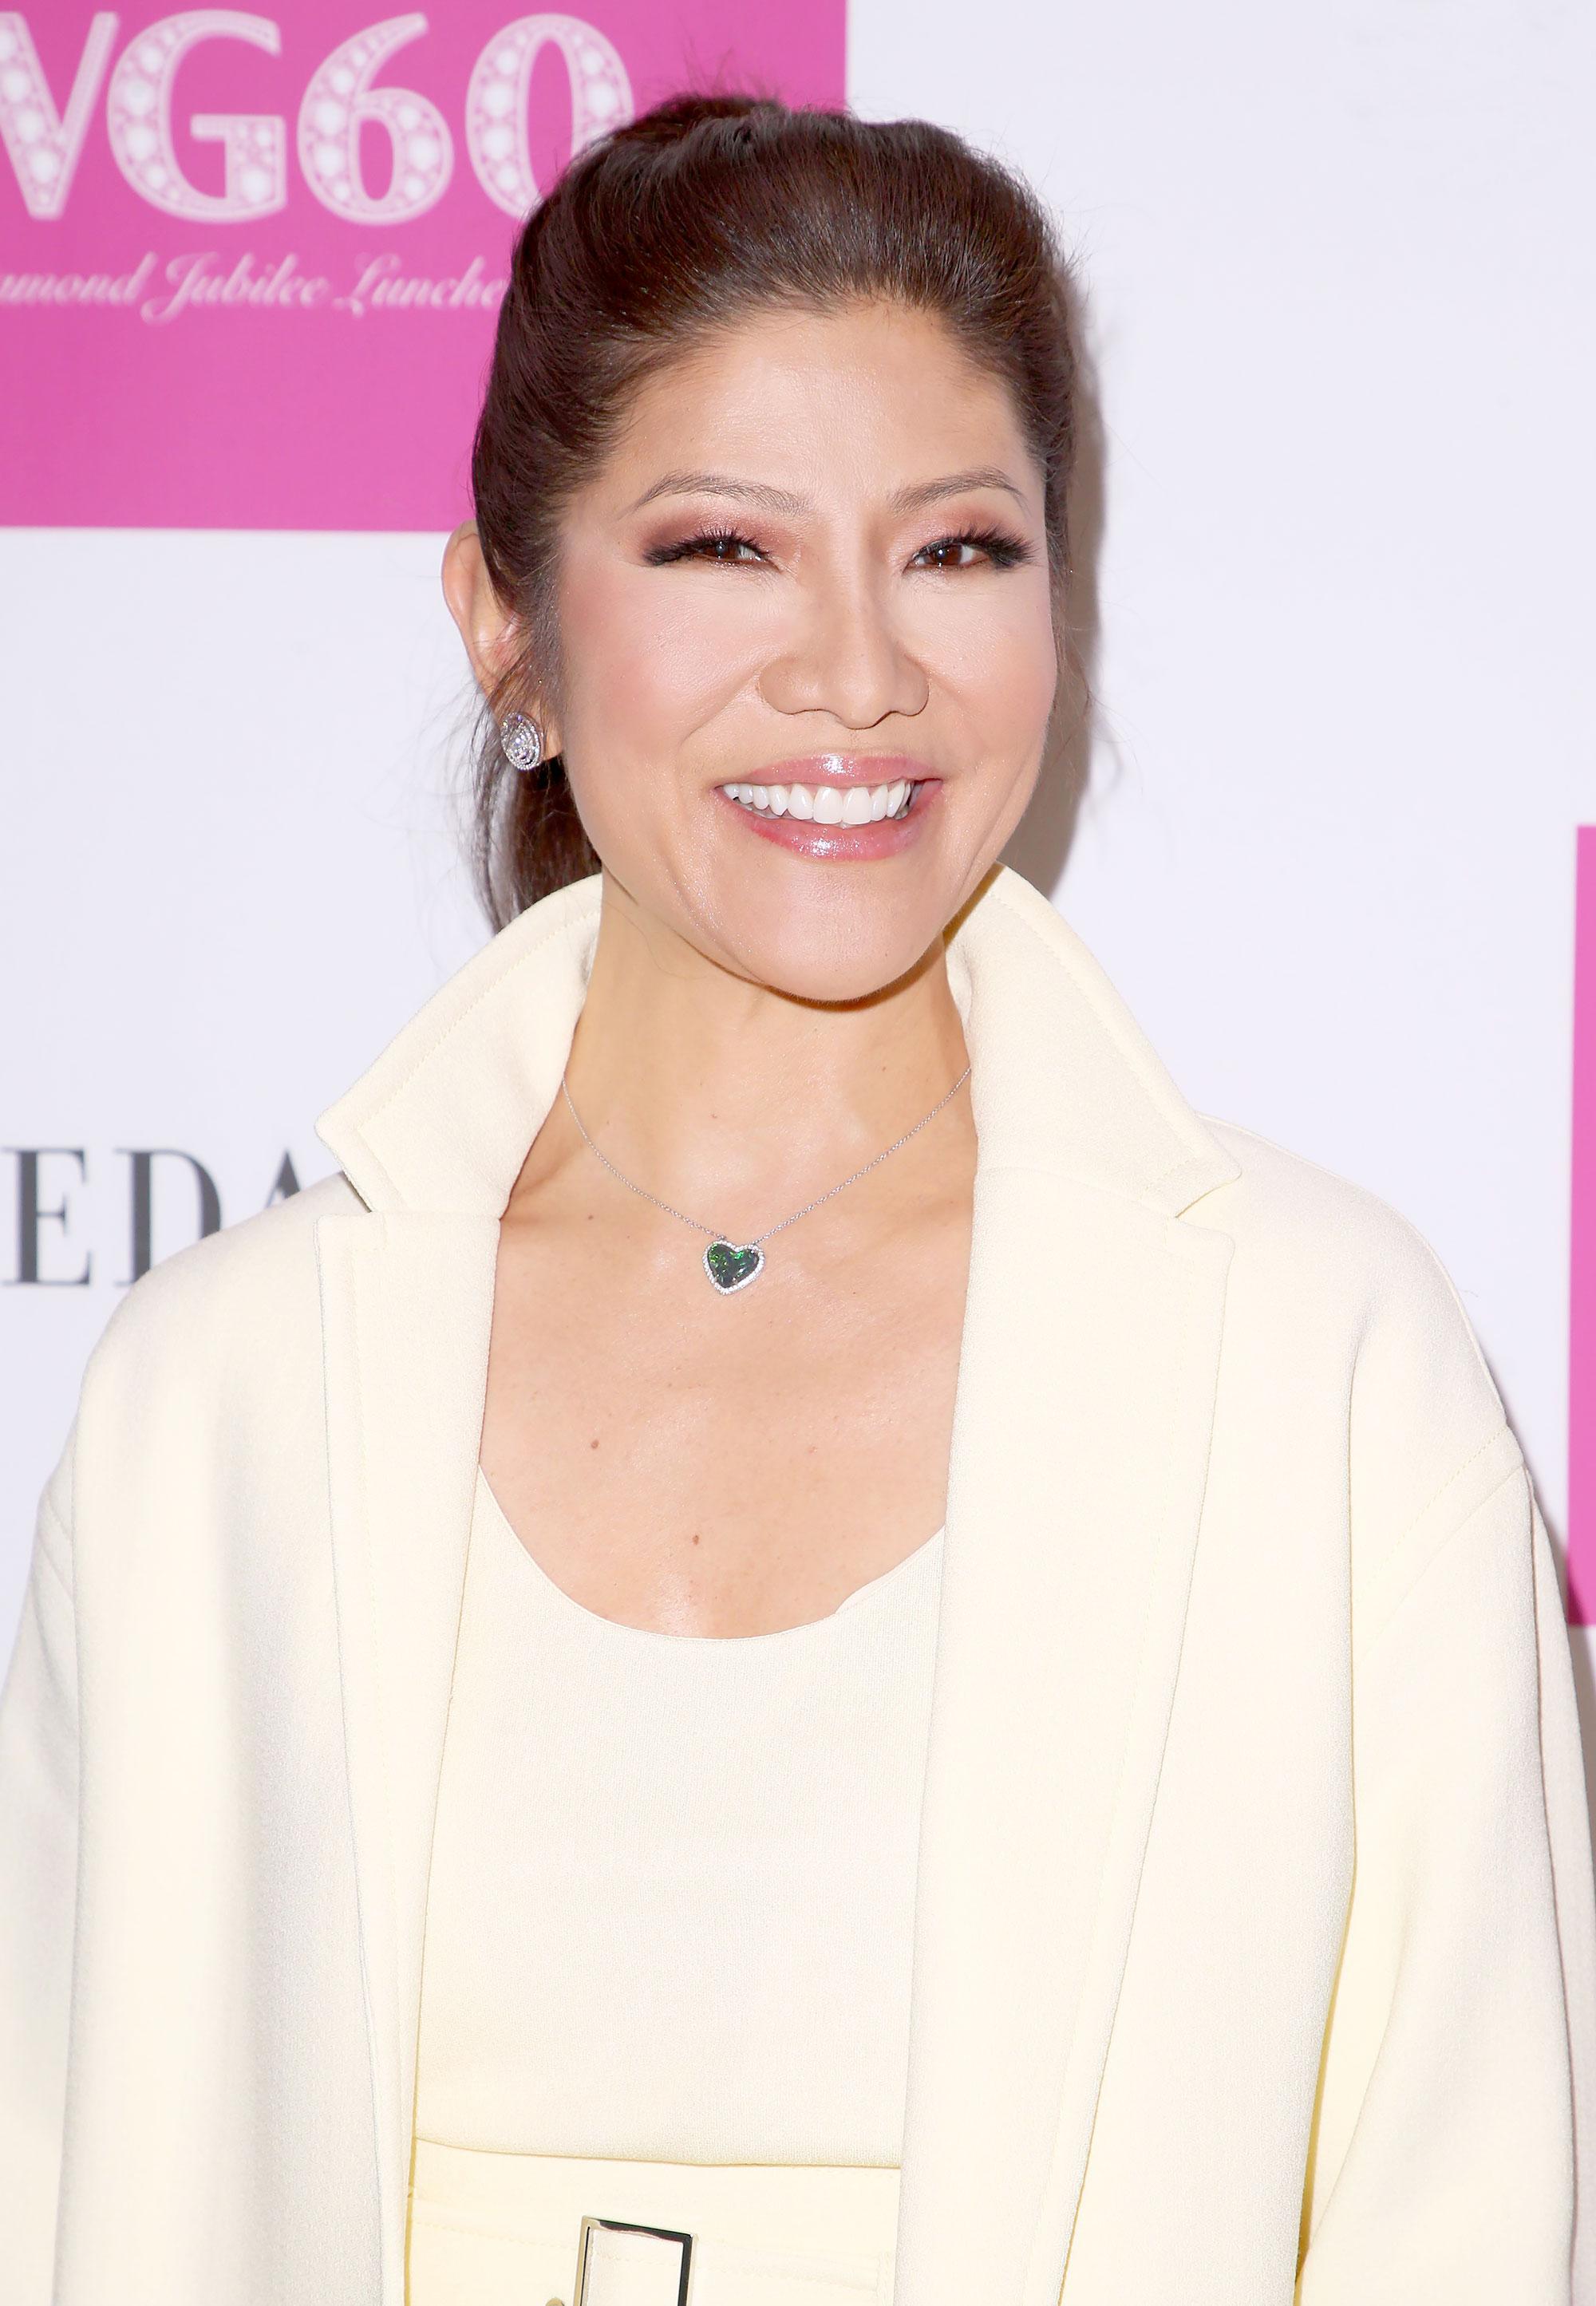 Julie Chen Shares Makeup Free Post